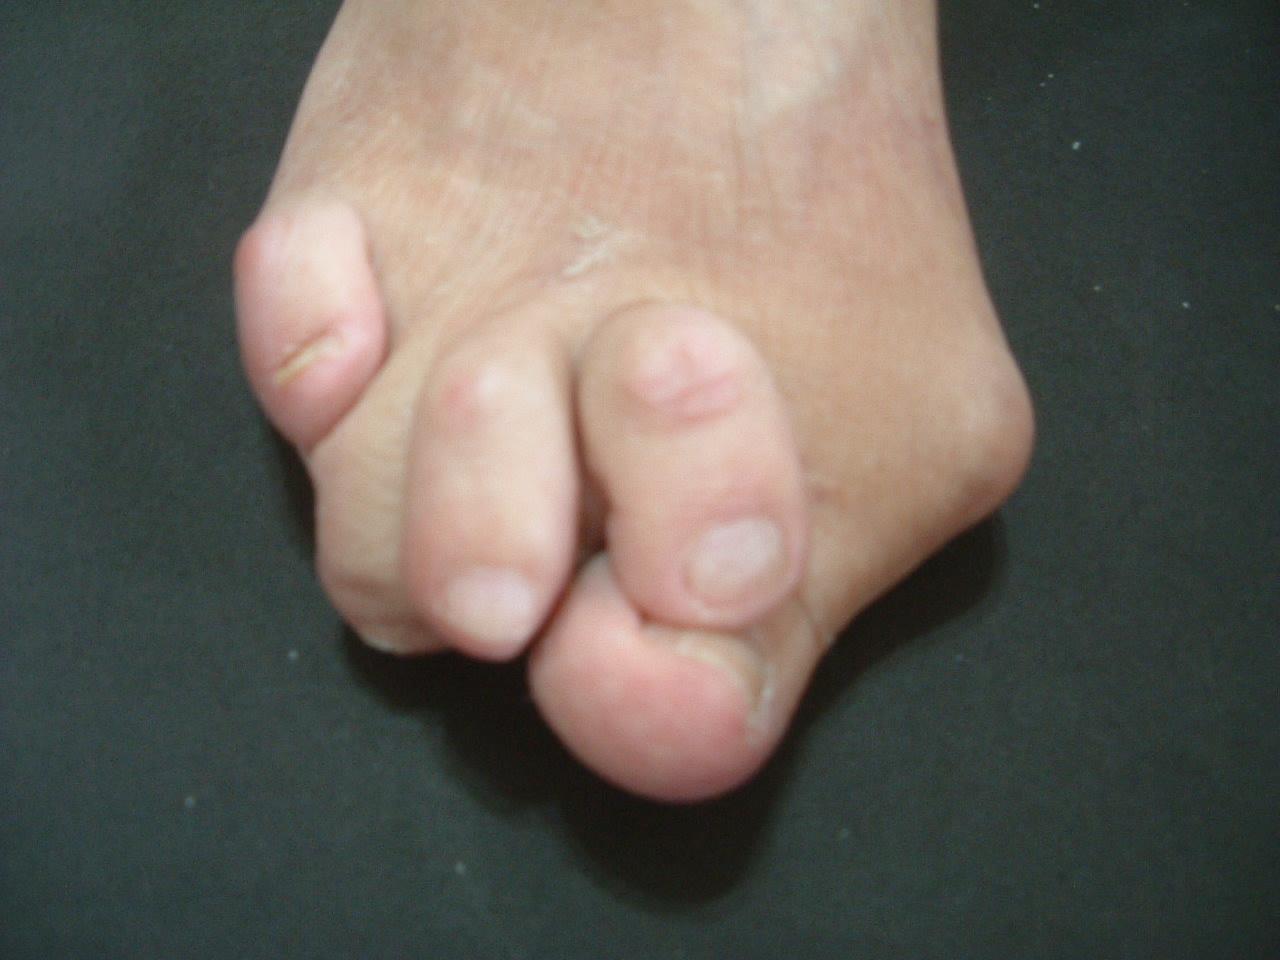 足の痛み外反母趾・巻き爪などの原因の多くは靴。正しく靴を認識いただくために:靴の害と靴選び